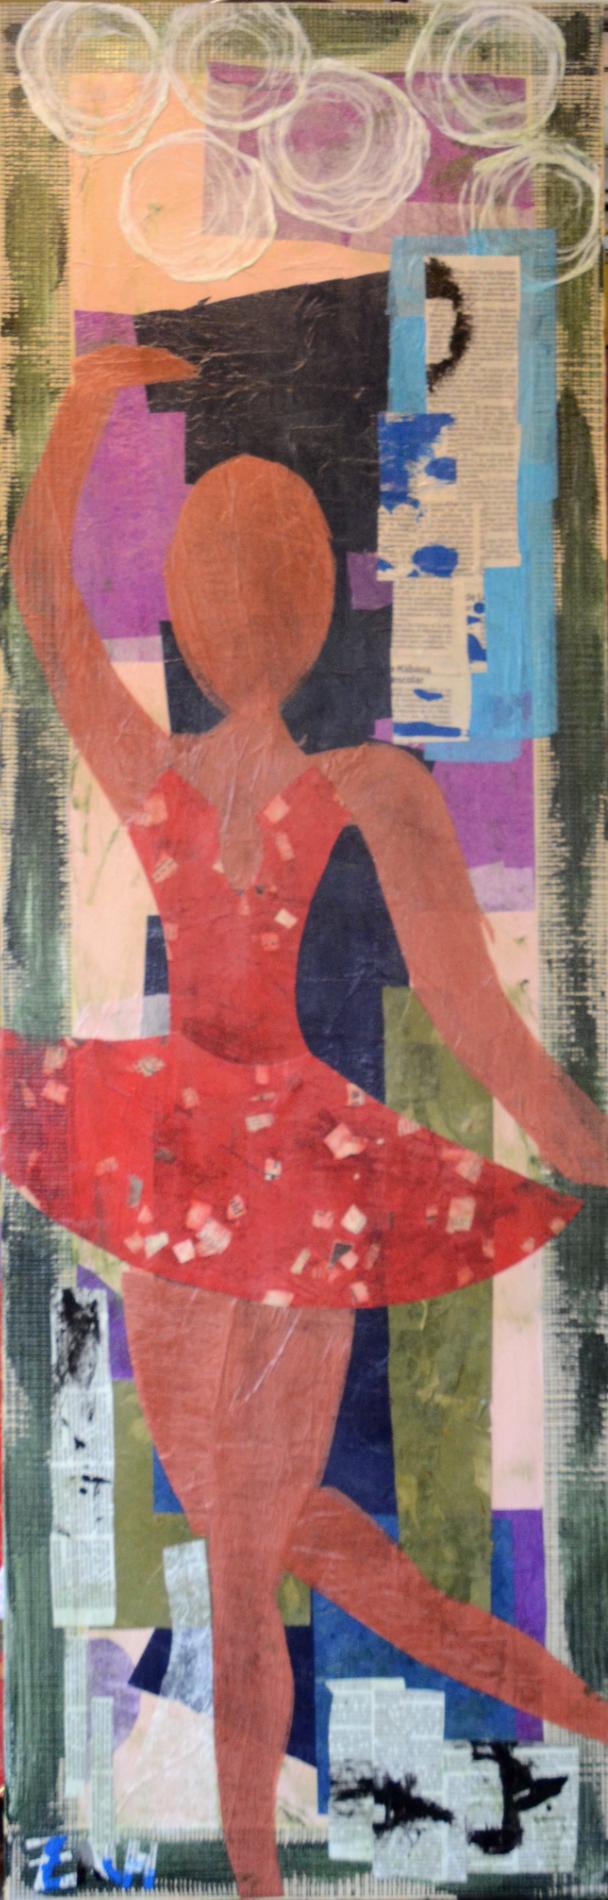 Ballerina #2